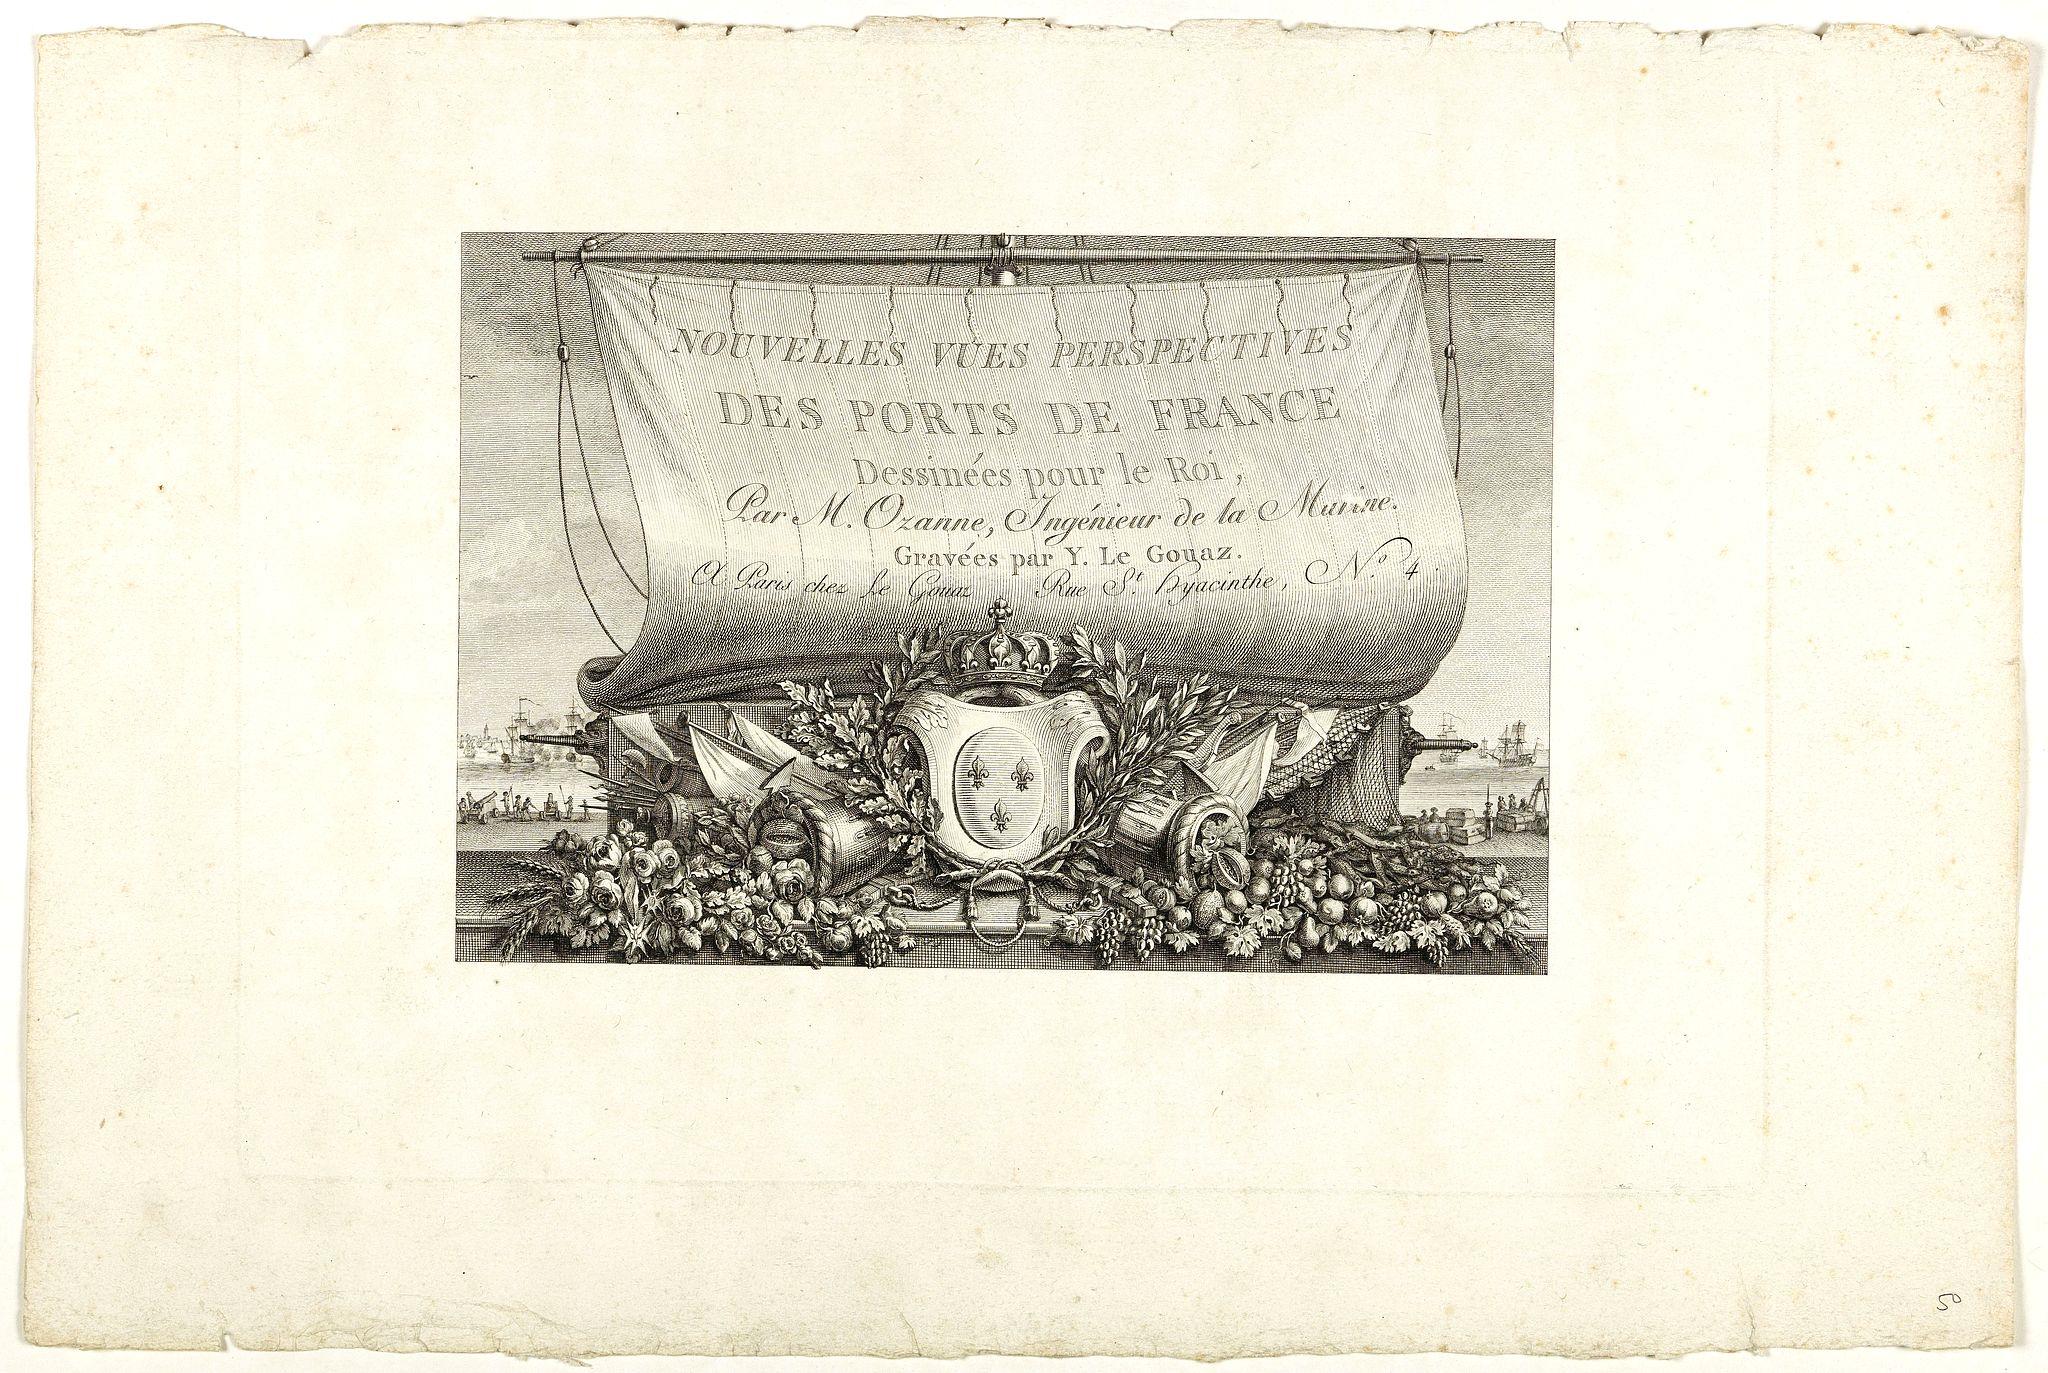 OZANNE, N. -  [Title page] Nouvelles vues perspectives des Ports de France, dessinées pour le Roi . . .